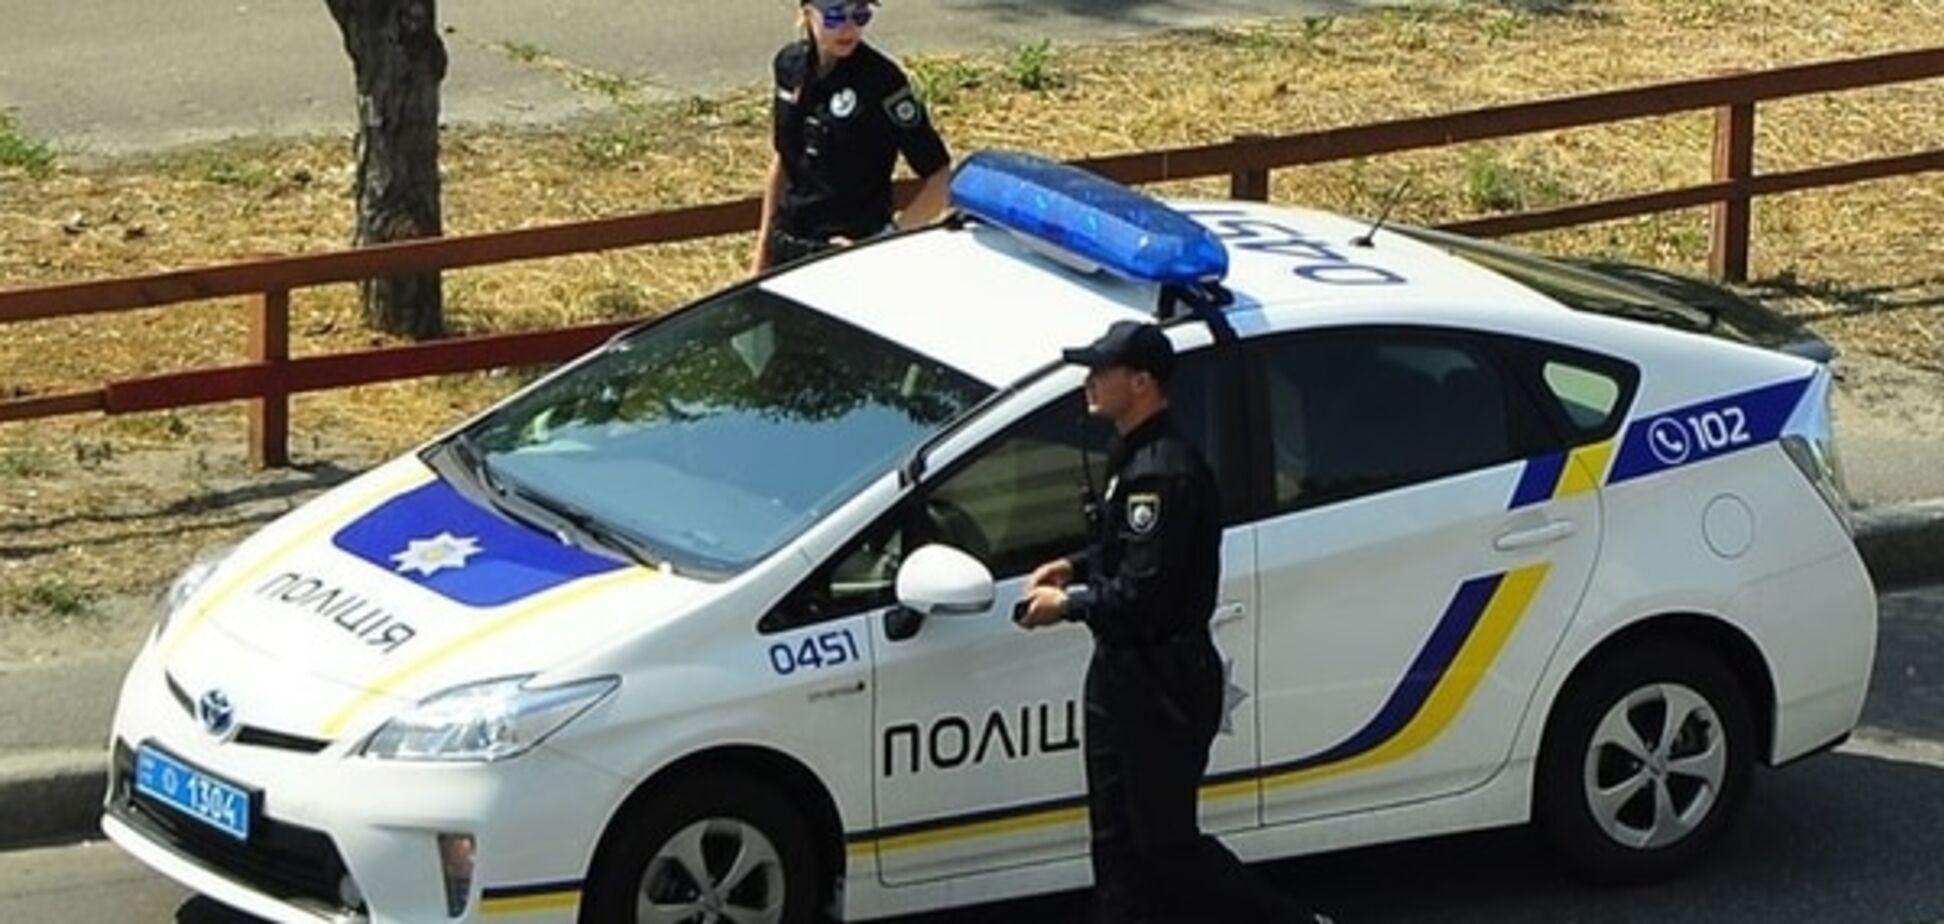 В Киеве произошла перестрелка, ранен полицейский - СМИ